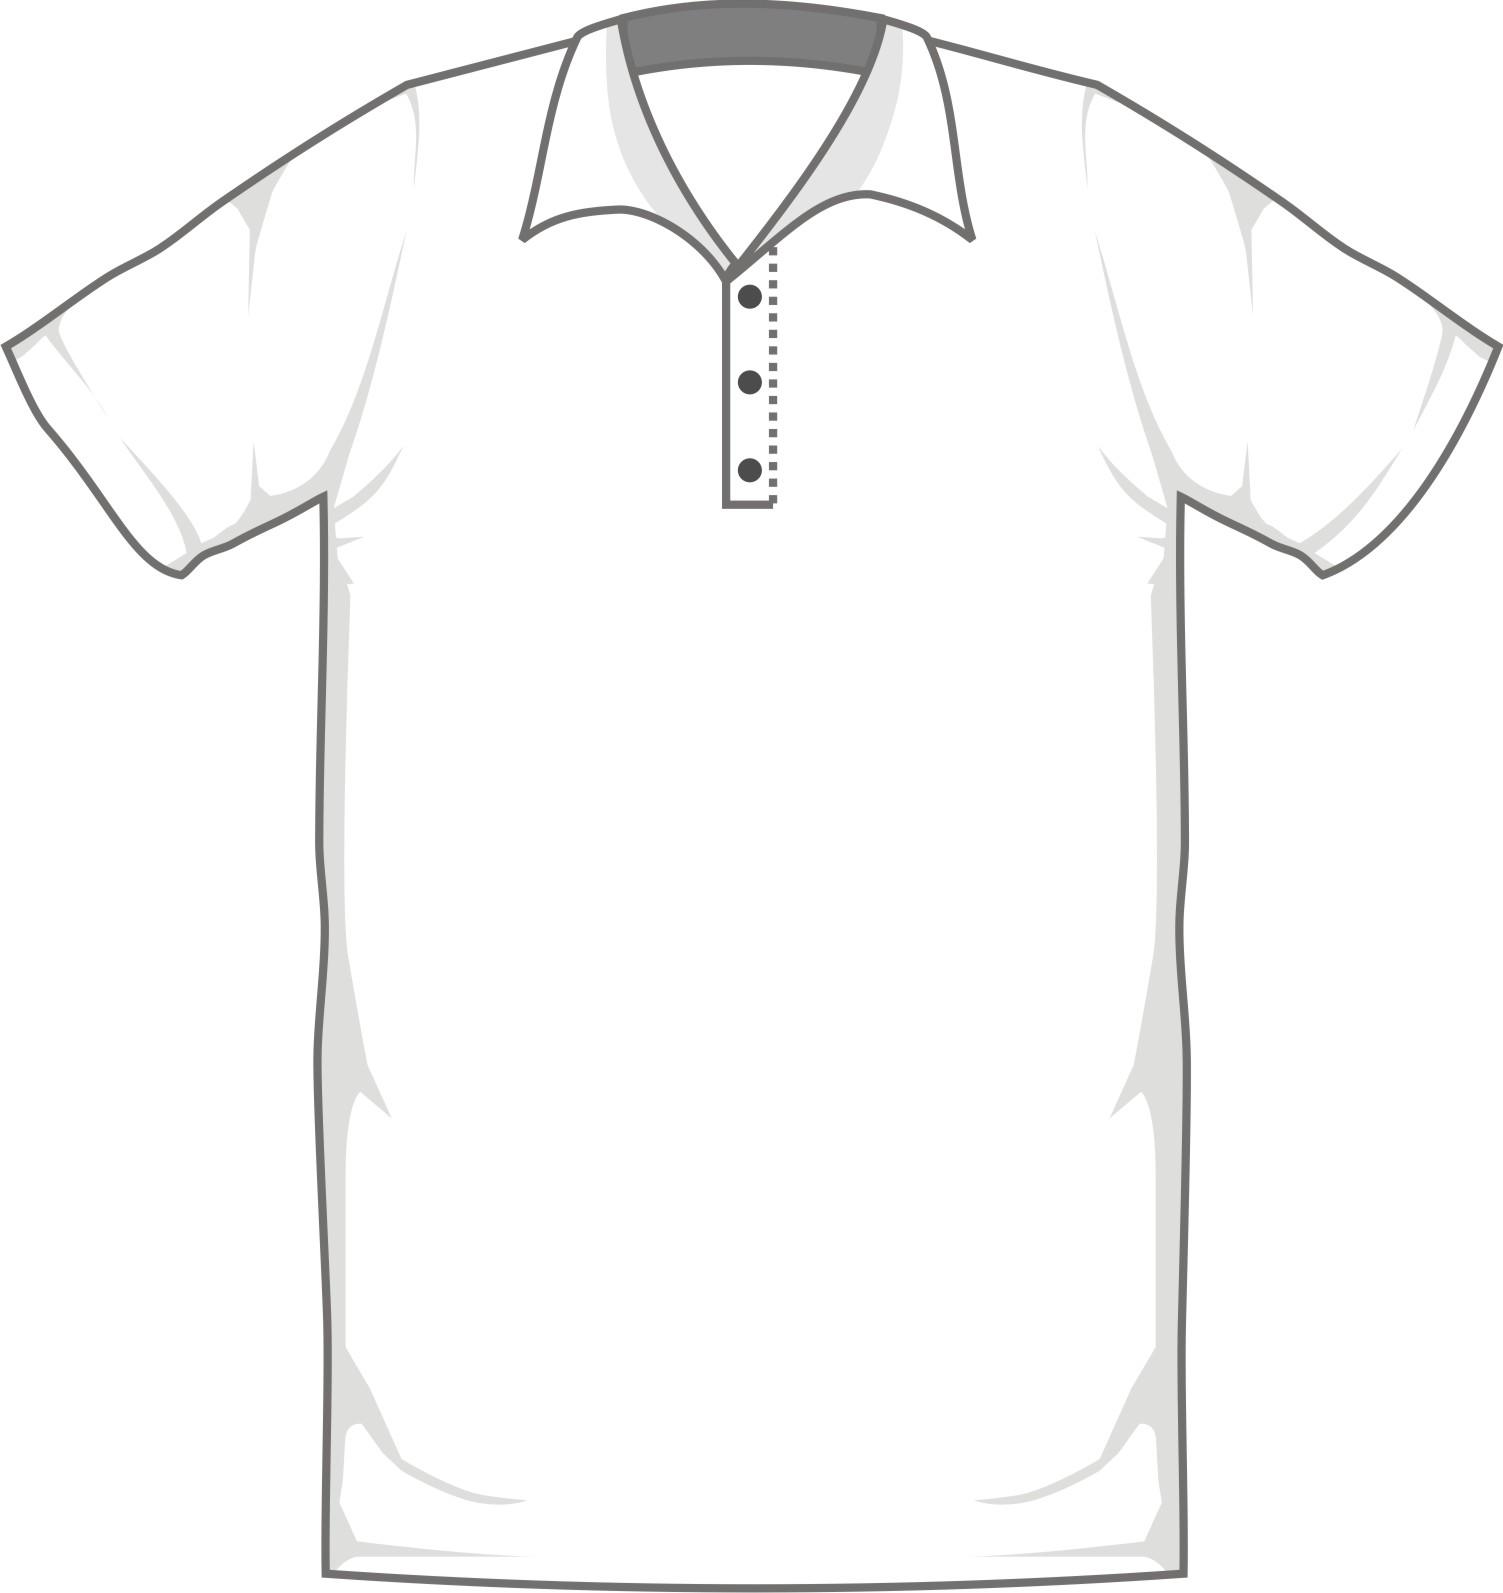 Polo Shirt Men Template Joy Studio Design Gallery